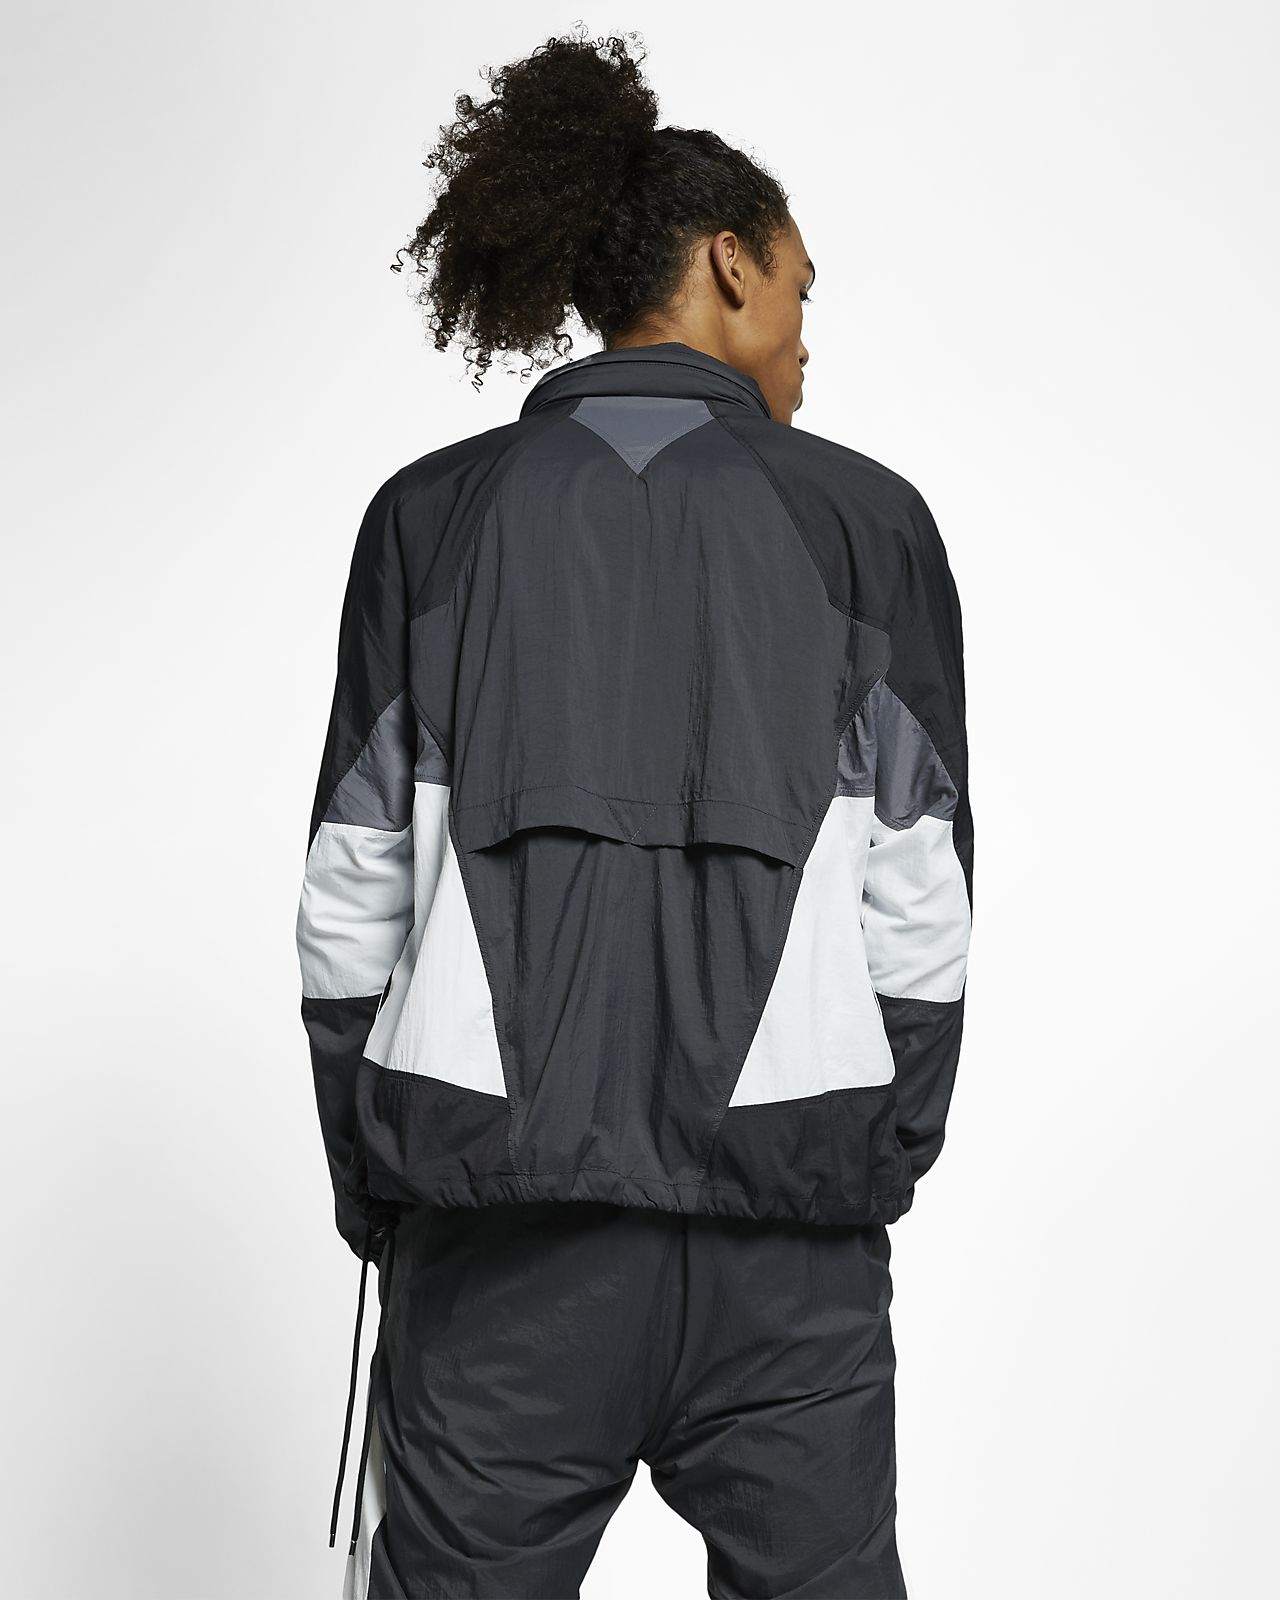 078f98e0c9 Nike Sportswear Men's Hooded Woven Jacket